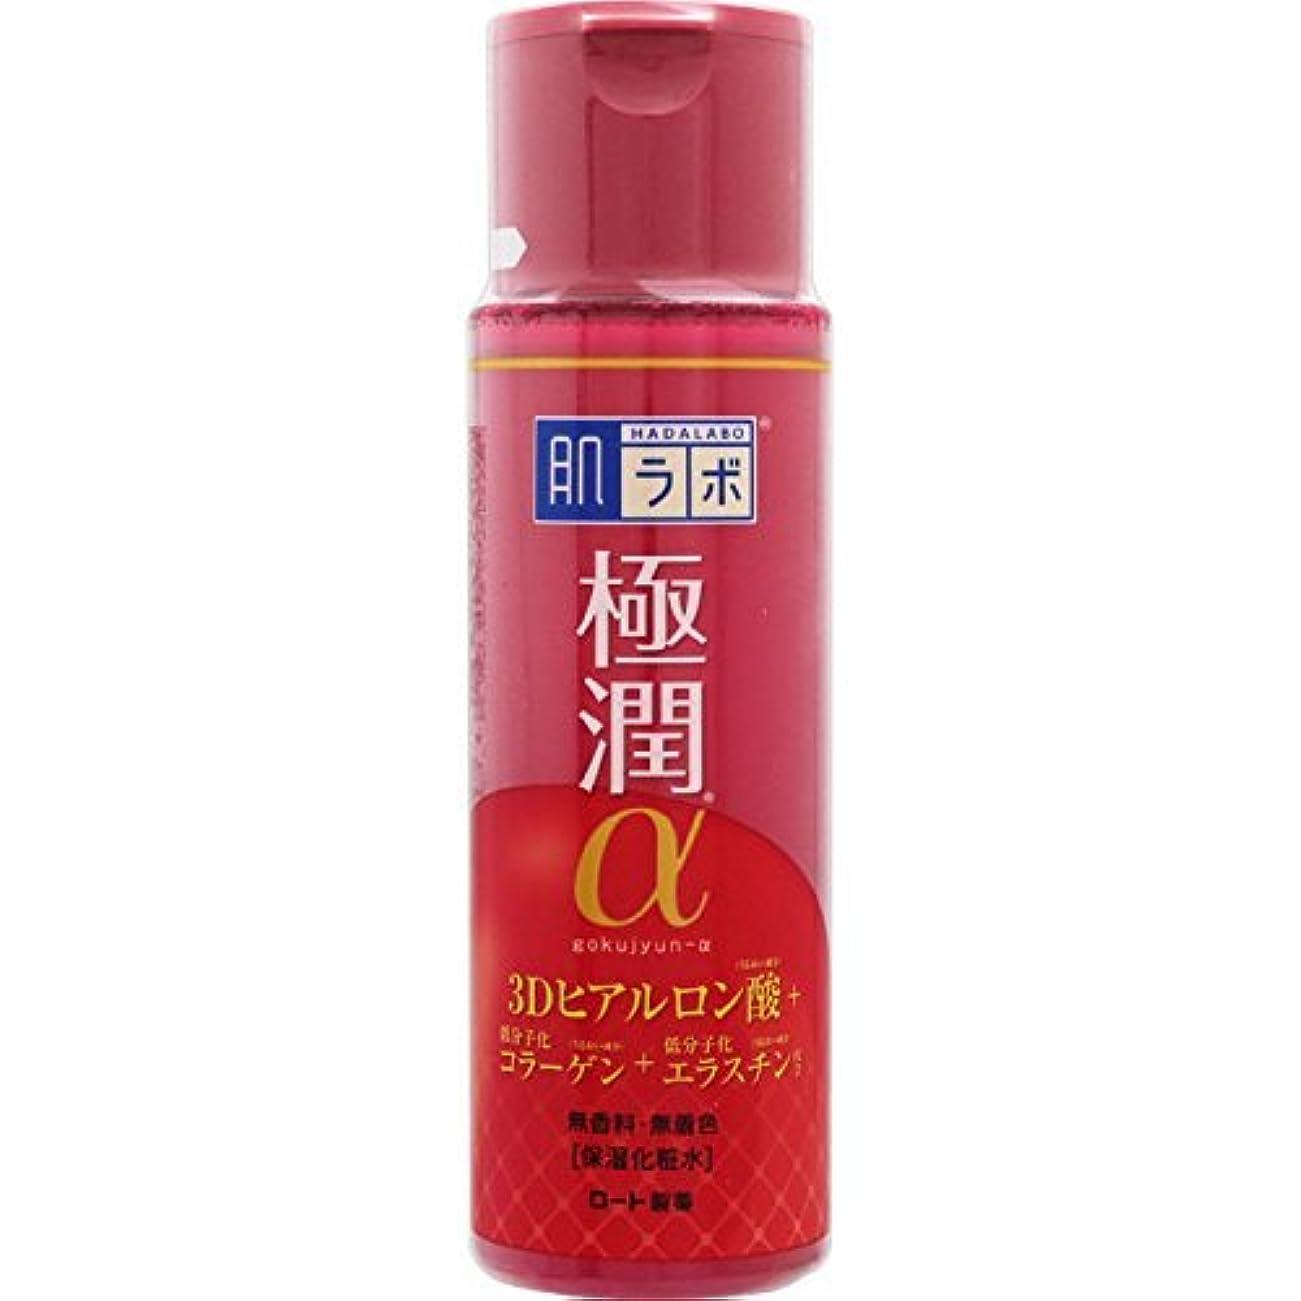 正しくデザートまっすぐ肌ラボ 極潤α ハリ化粧水 3Dヒアルロン酸×低分子化コラーゲン×低分子化エラスチン配合 170ml